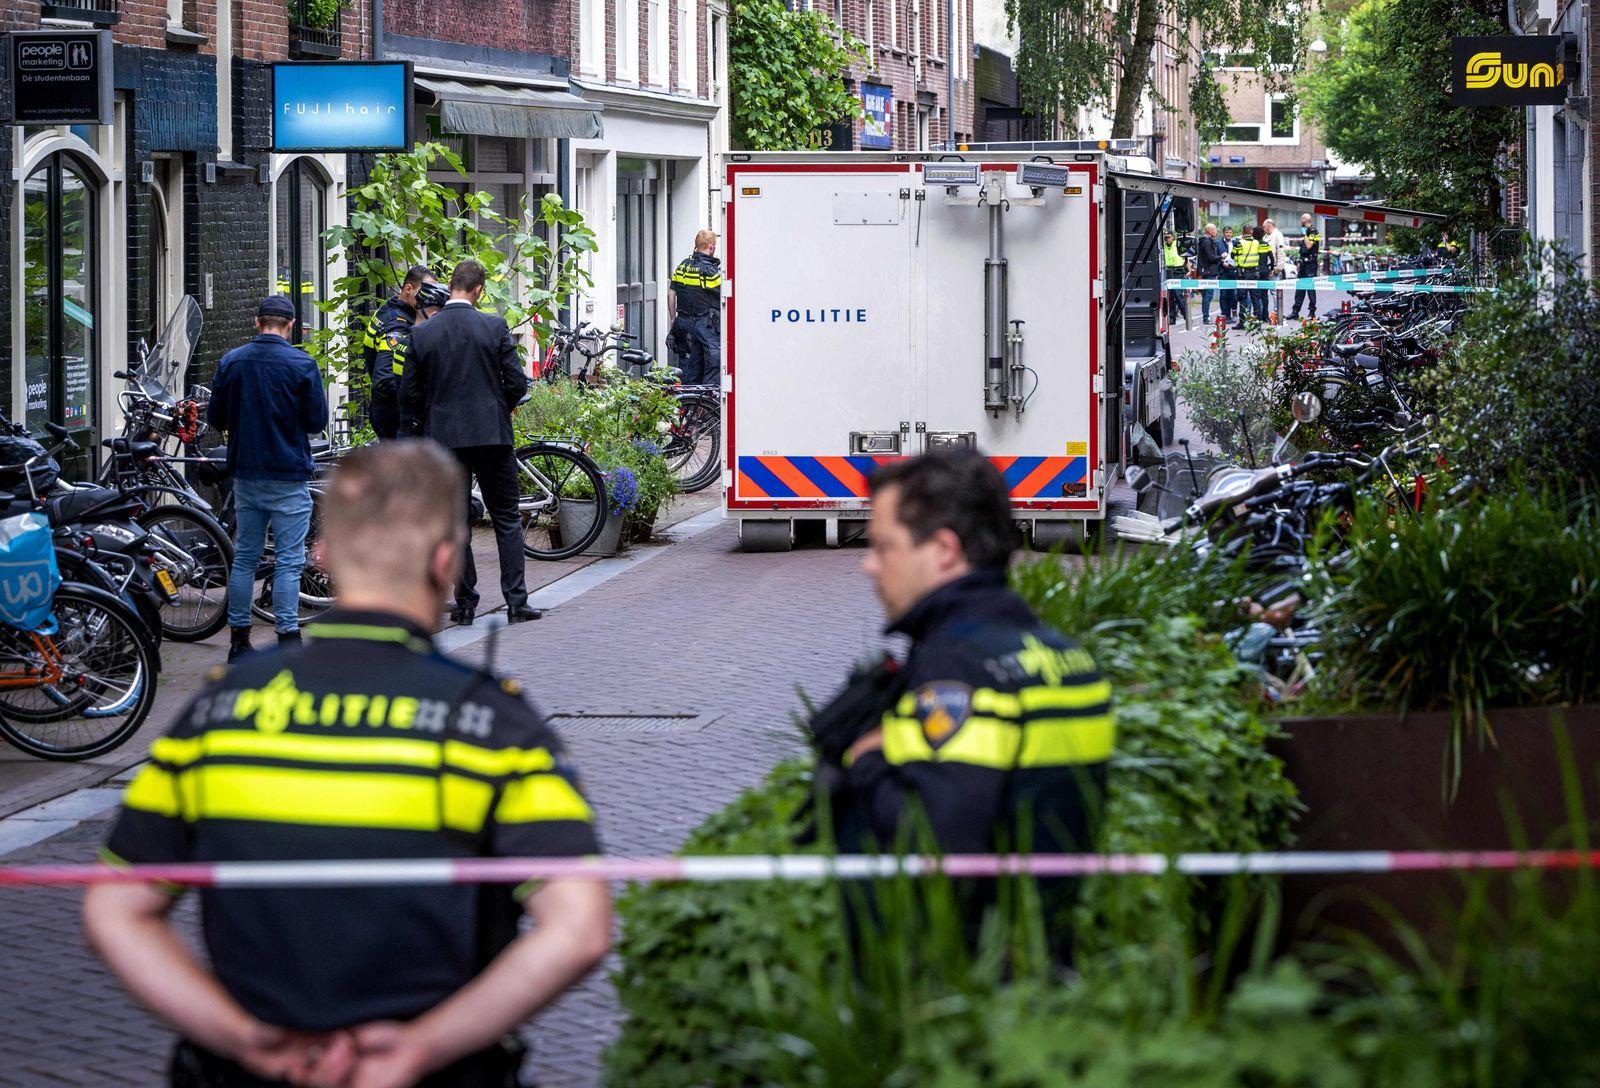 NETHERLANDS-CRIME-POLICE